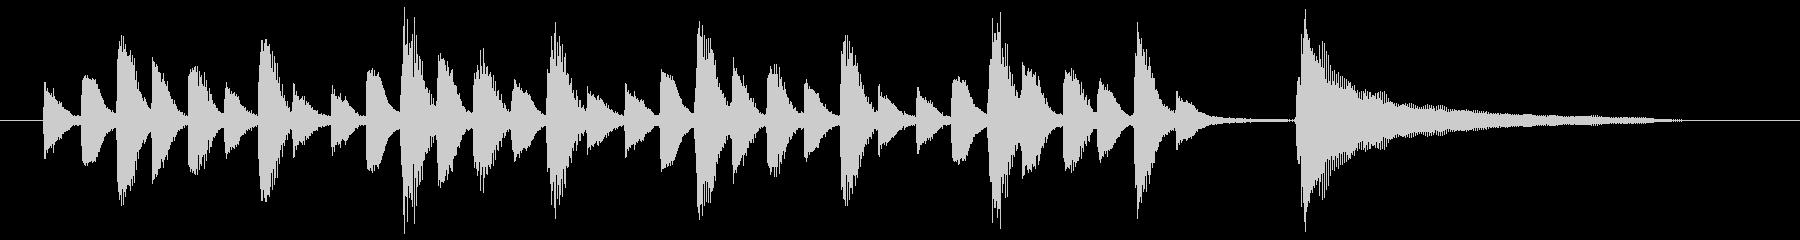 コミカルでほのぼのとしたピアノ曲の未再生の波形